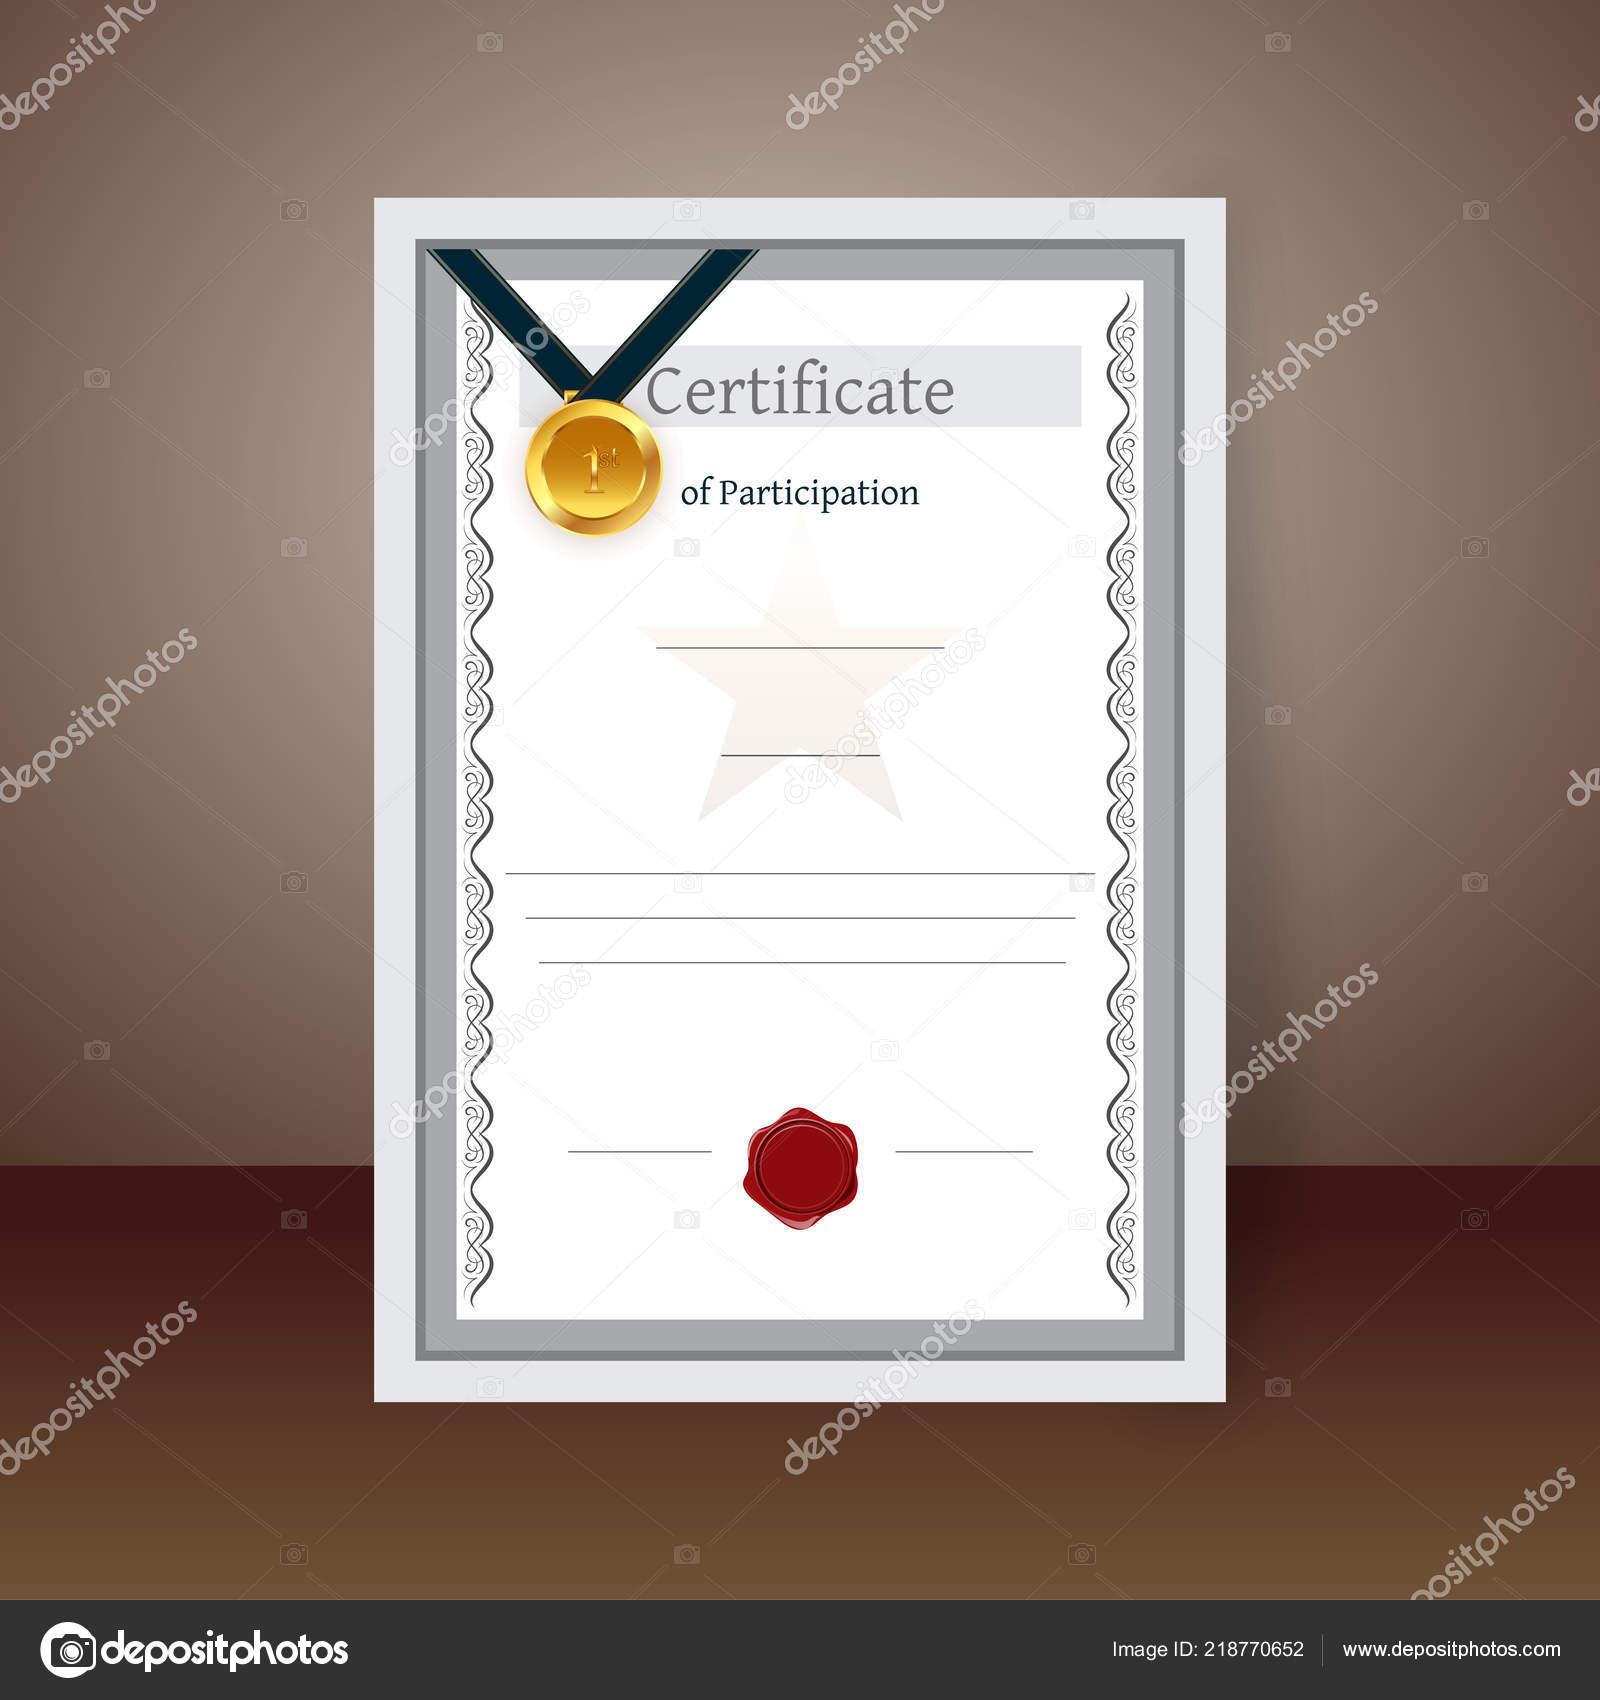 Modèle Vierge Conception Diplôme Certificat Participation